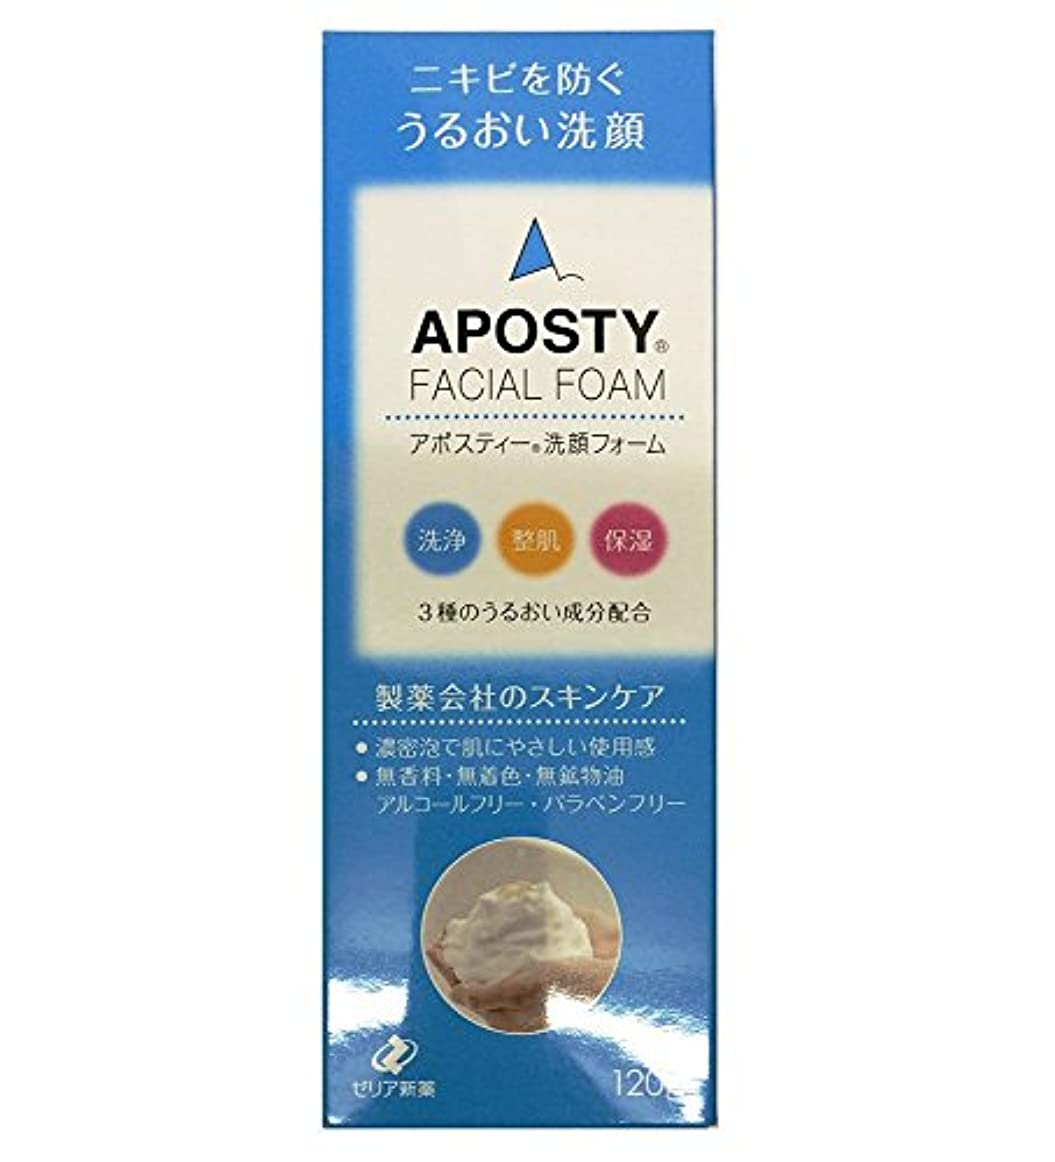 チャネルバーベキュー通貨ゼリア新薬工業 アポスティー 洗顔フォーム 120g